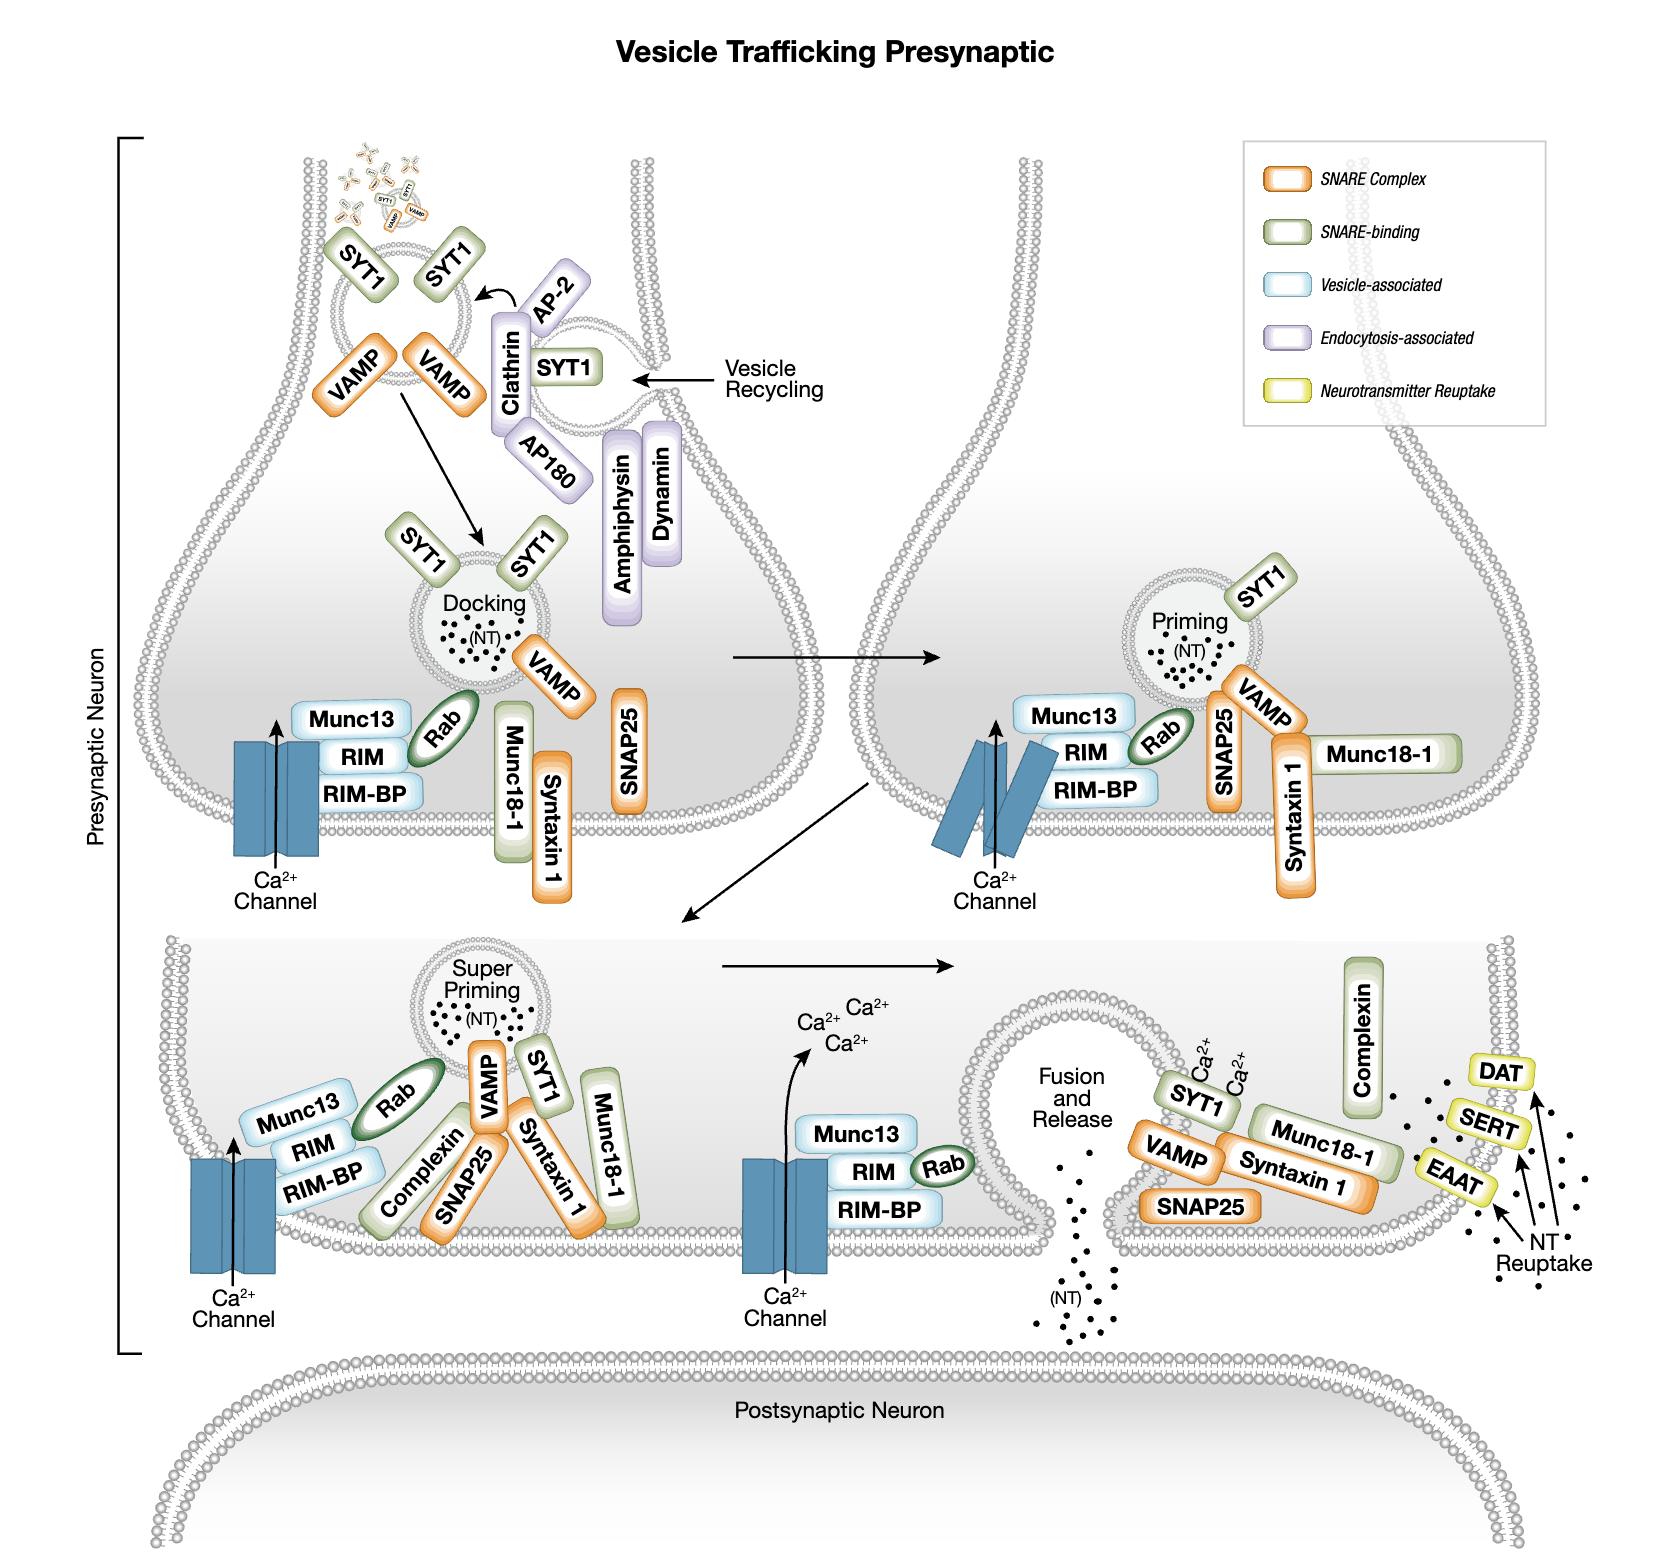 シナプス前小胞輸送シグナル伝達のインタラクティブパスウェイ